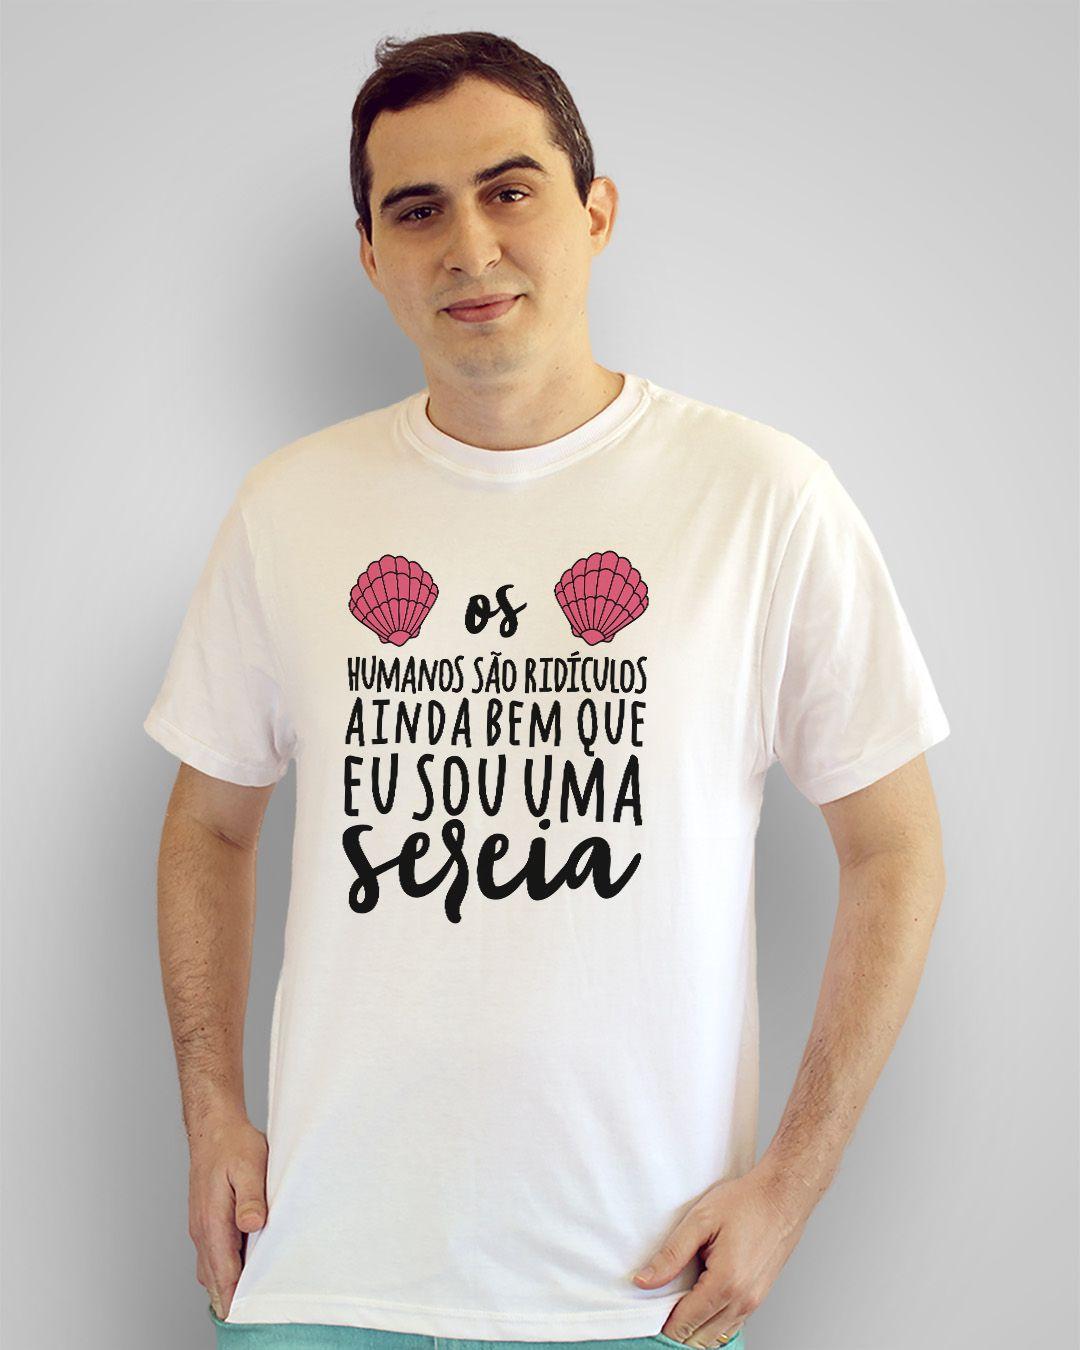 Camiseta Os humanos são ridículos, ainda bem que eu sou uma sereia